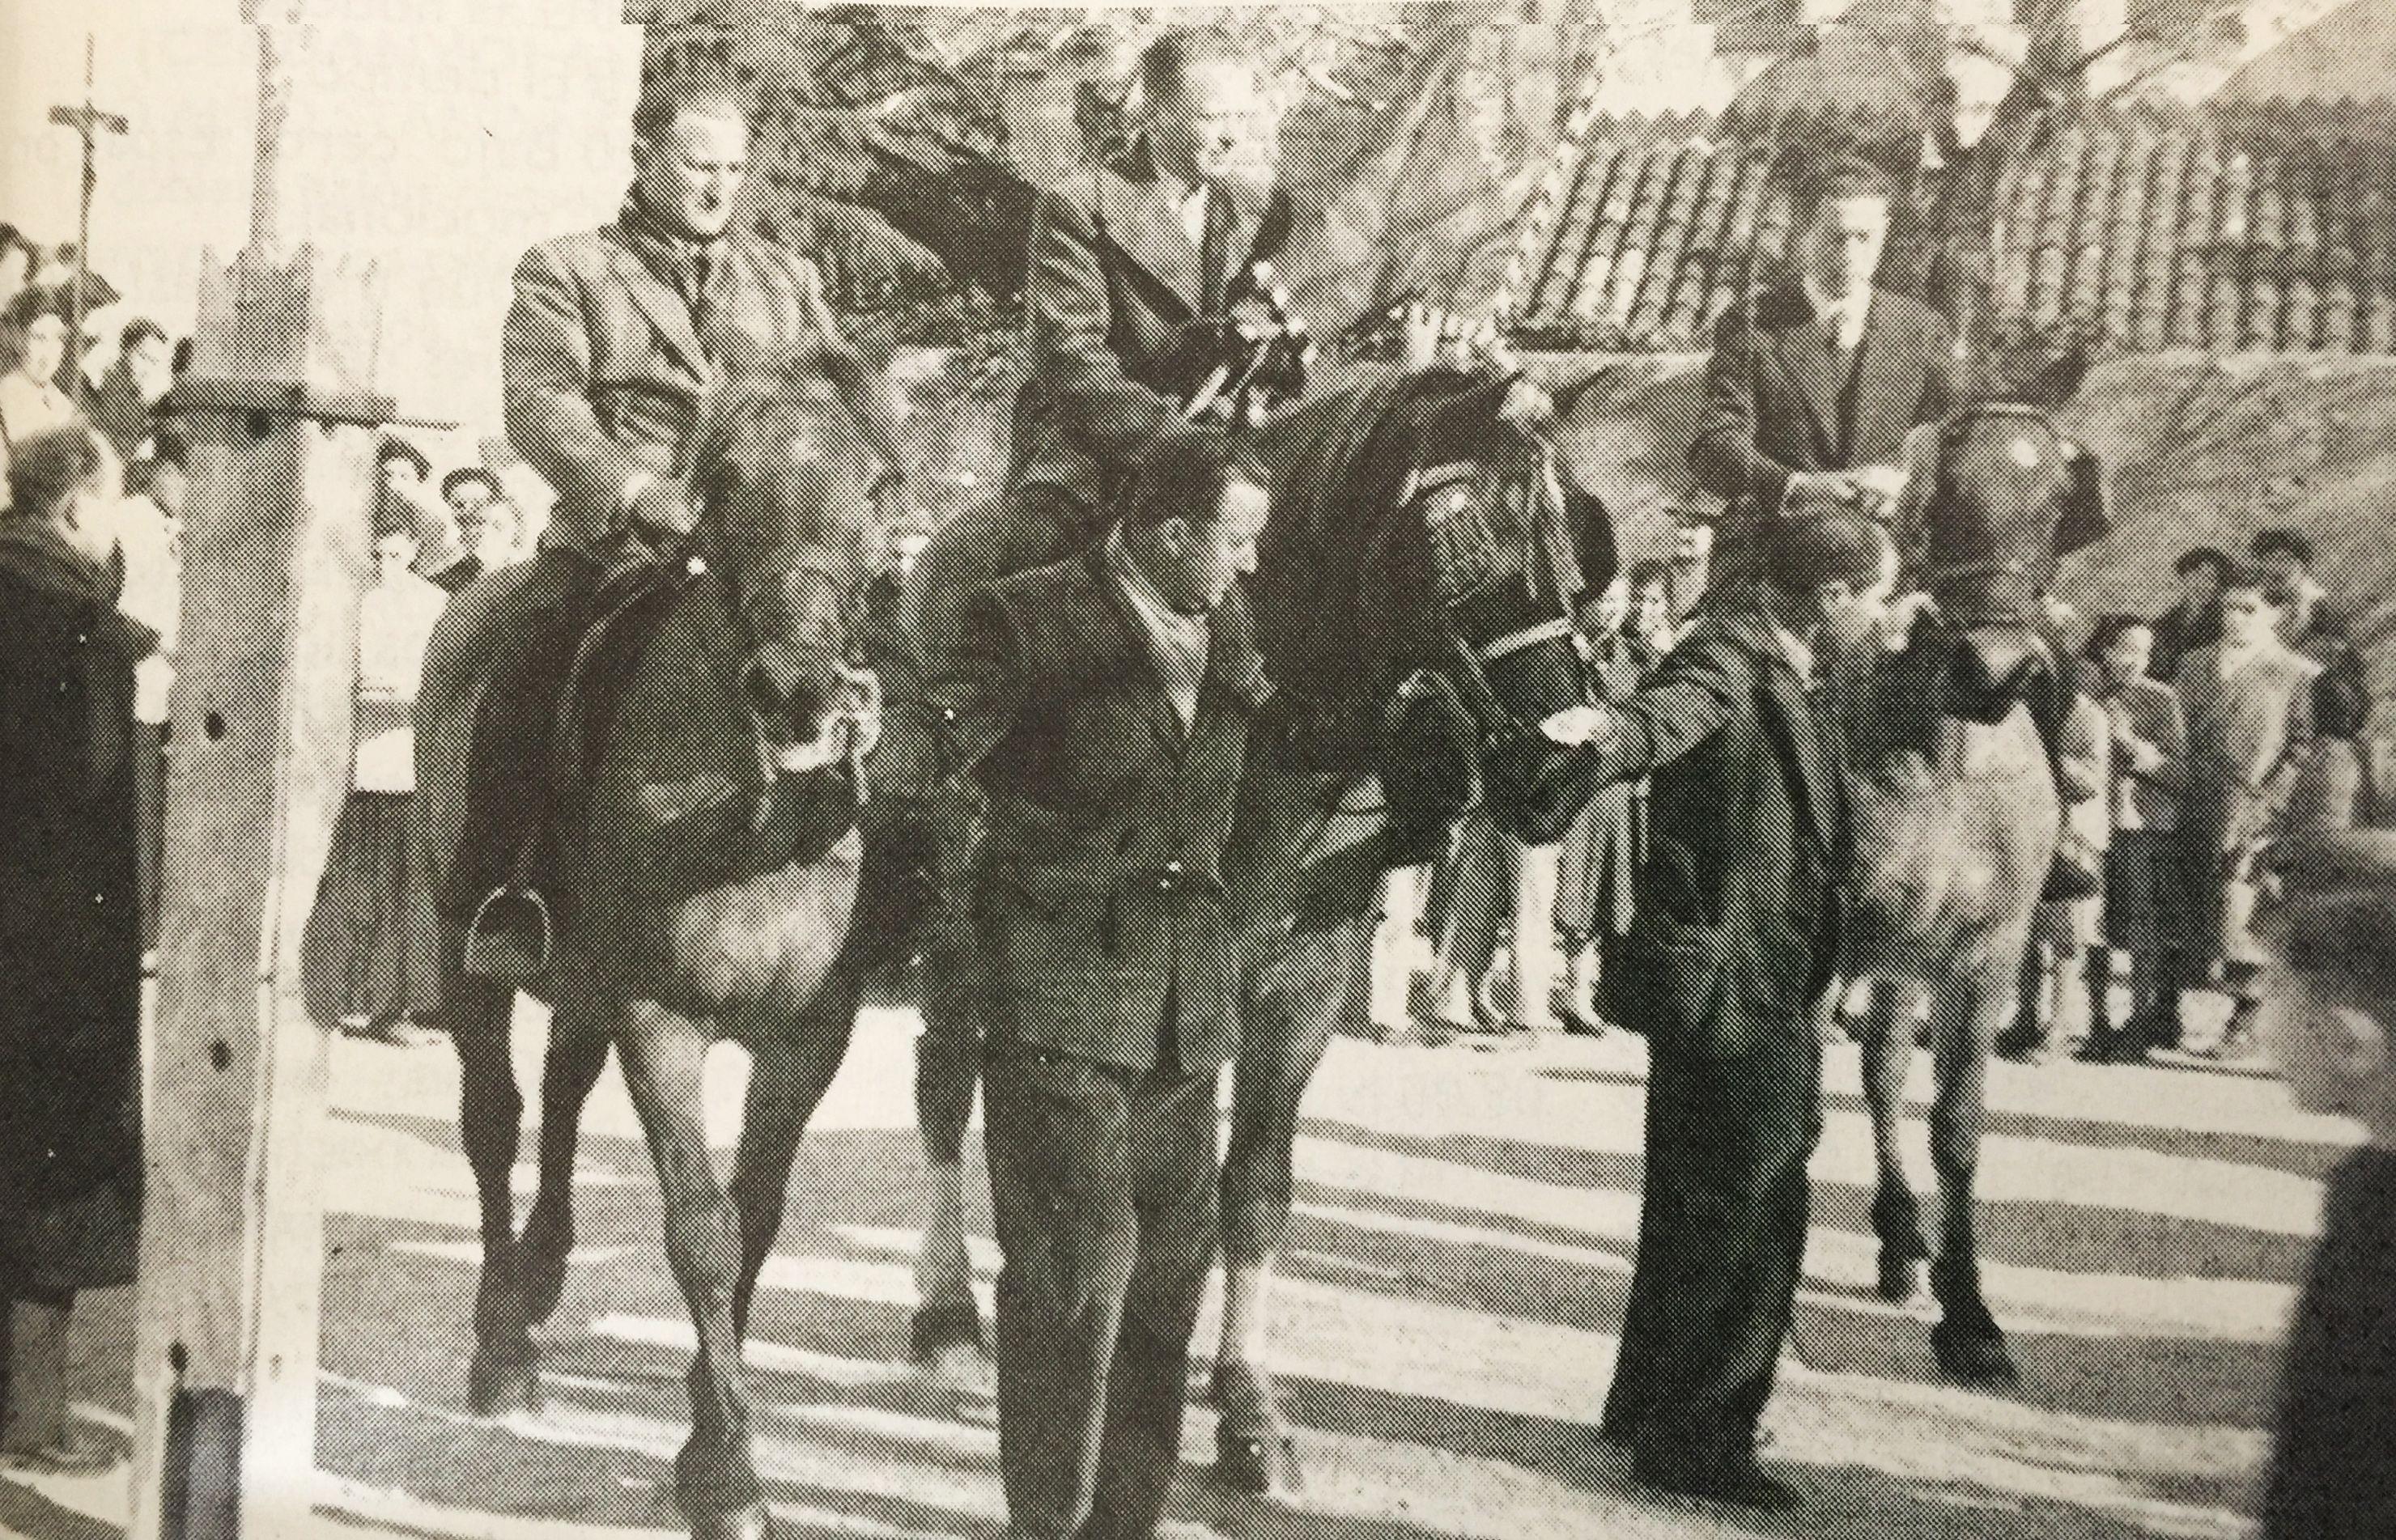 Festa de Sant Antoni Abat a Cerdanyola, 1953. FOTO: Cedida per la Família Vidal